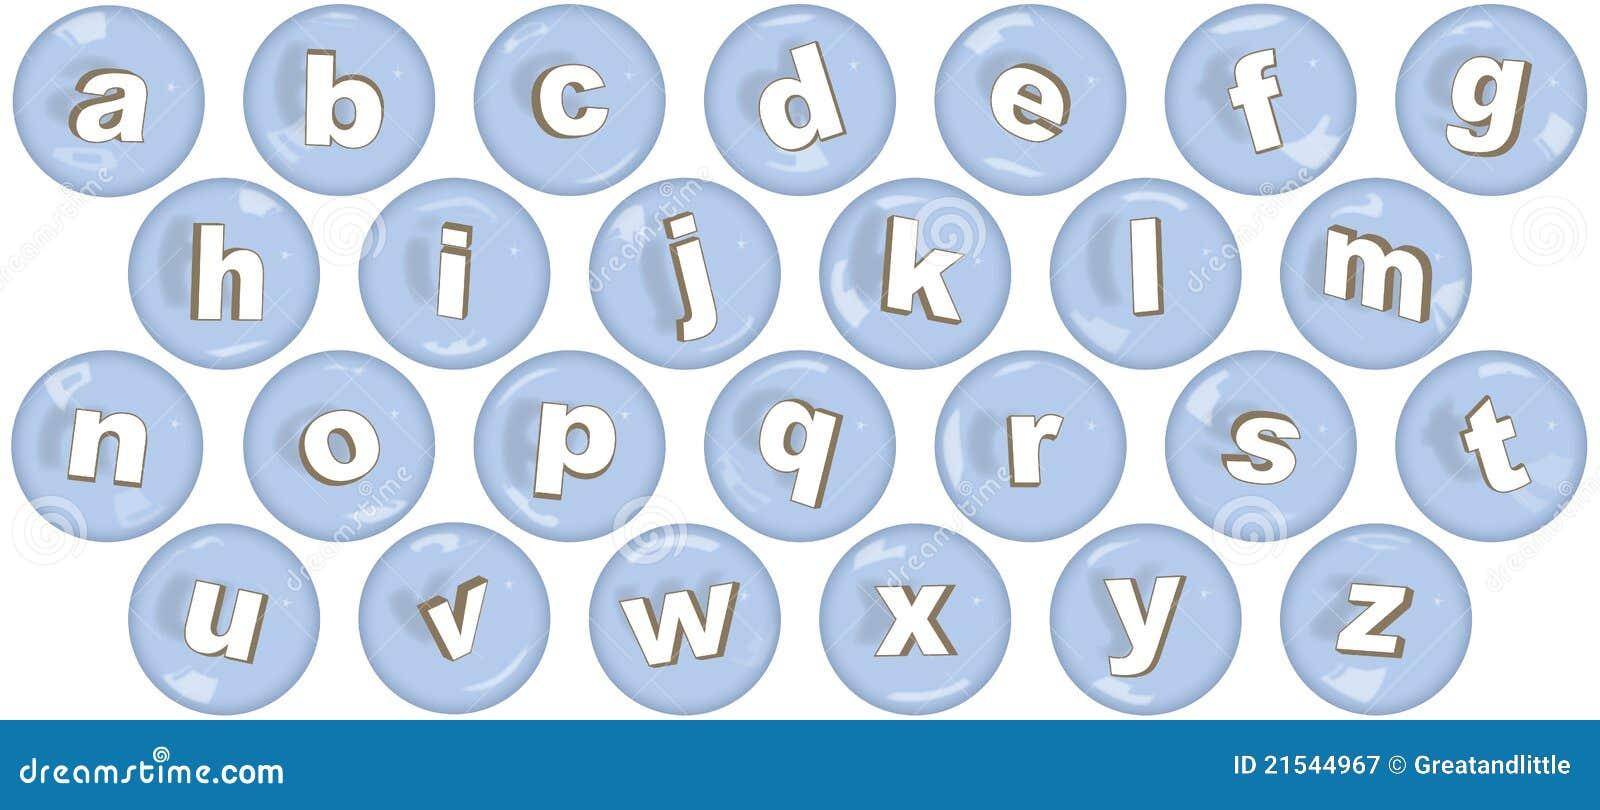 lower case letters in bubbles